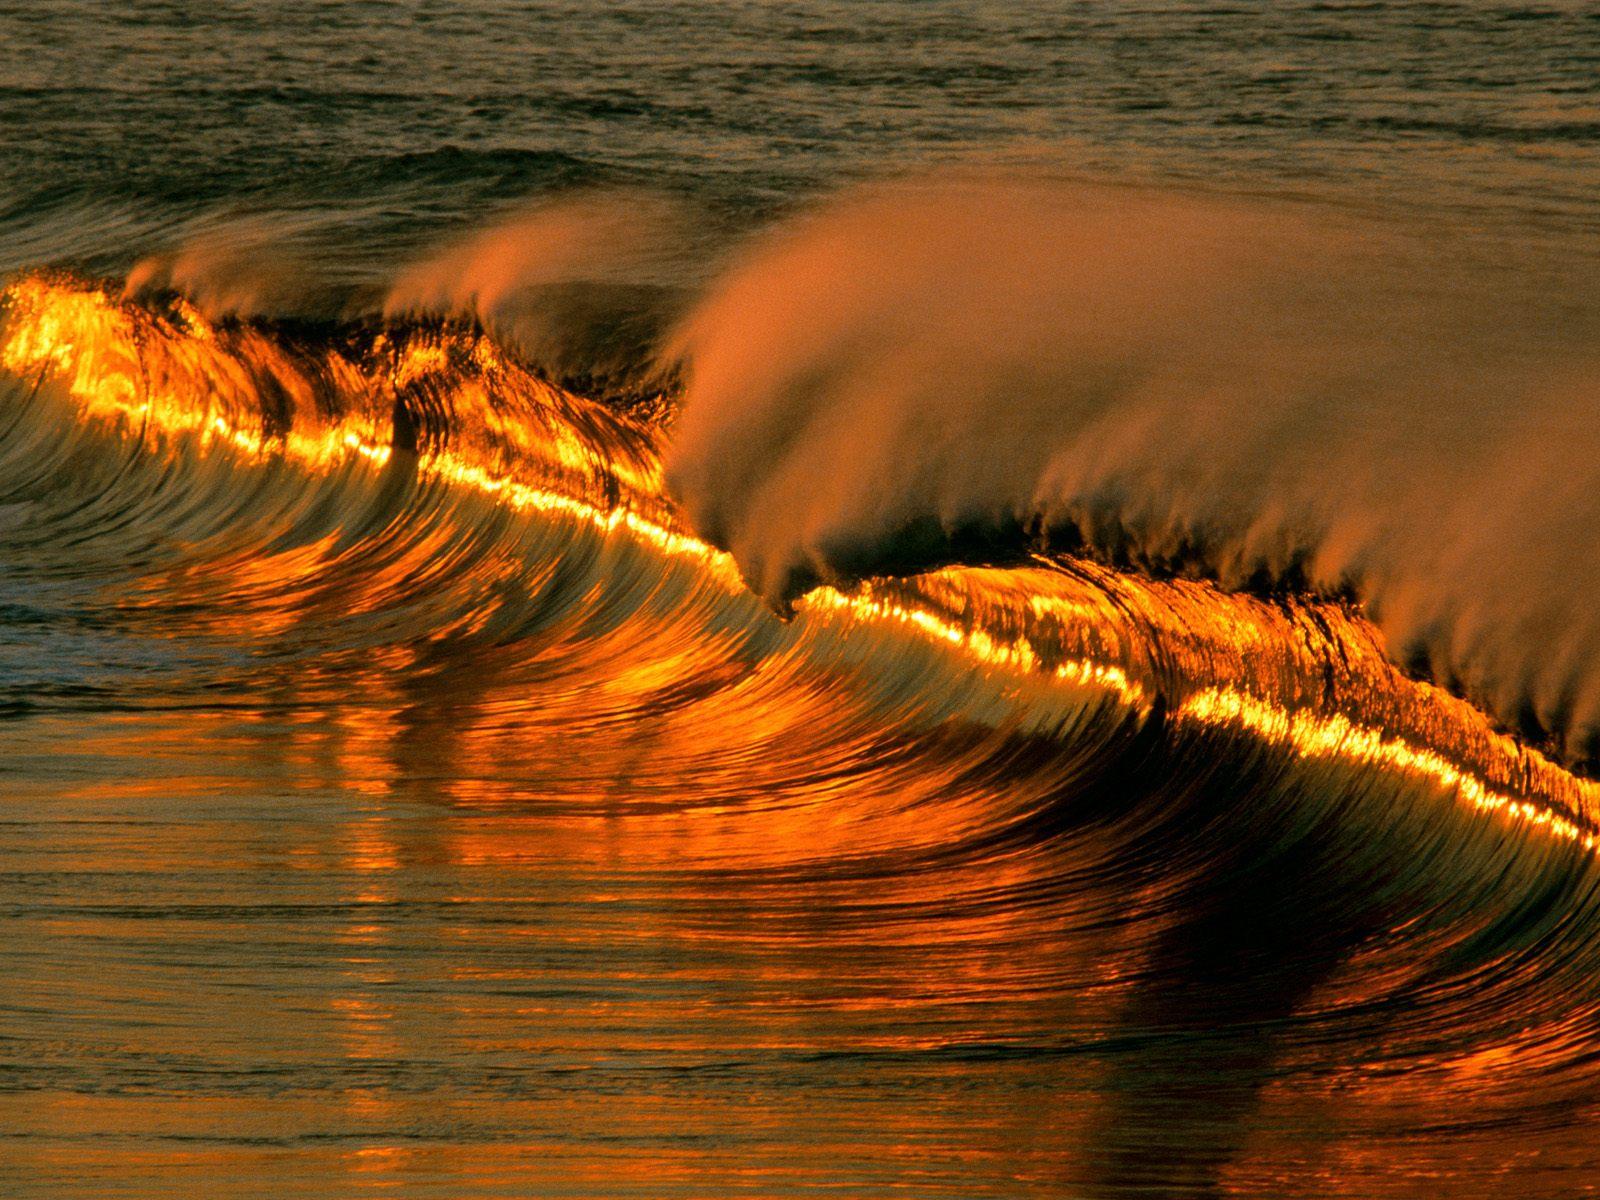 tải ảnh nền sóng biển đẹp